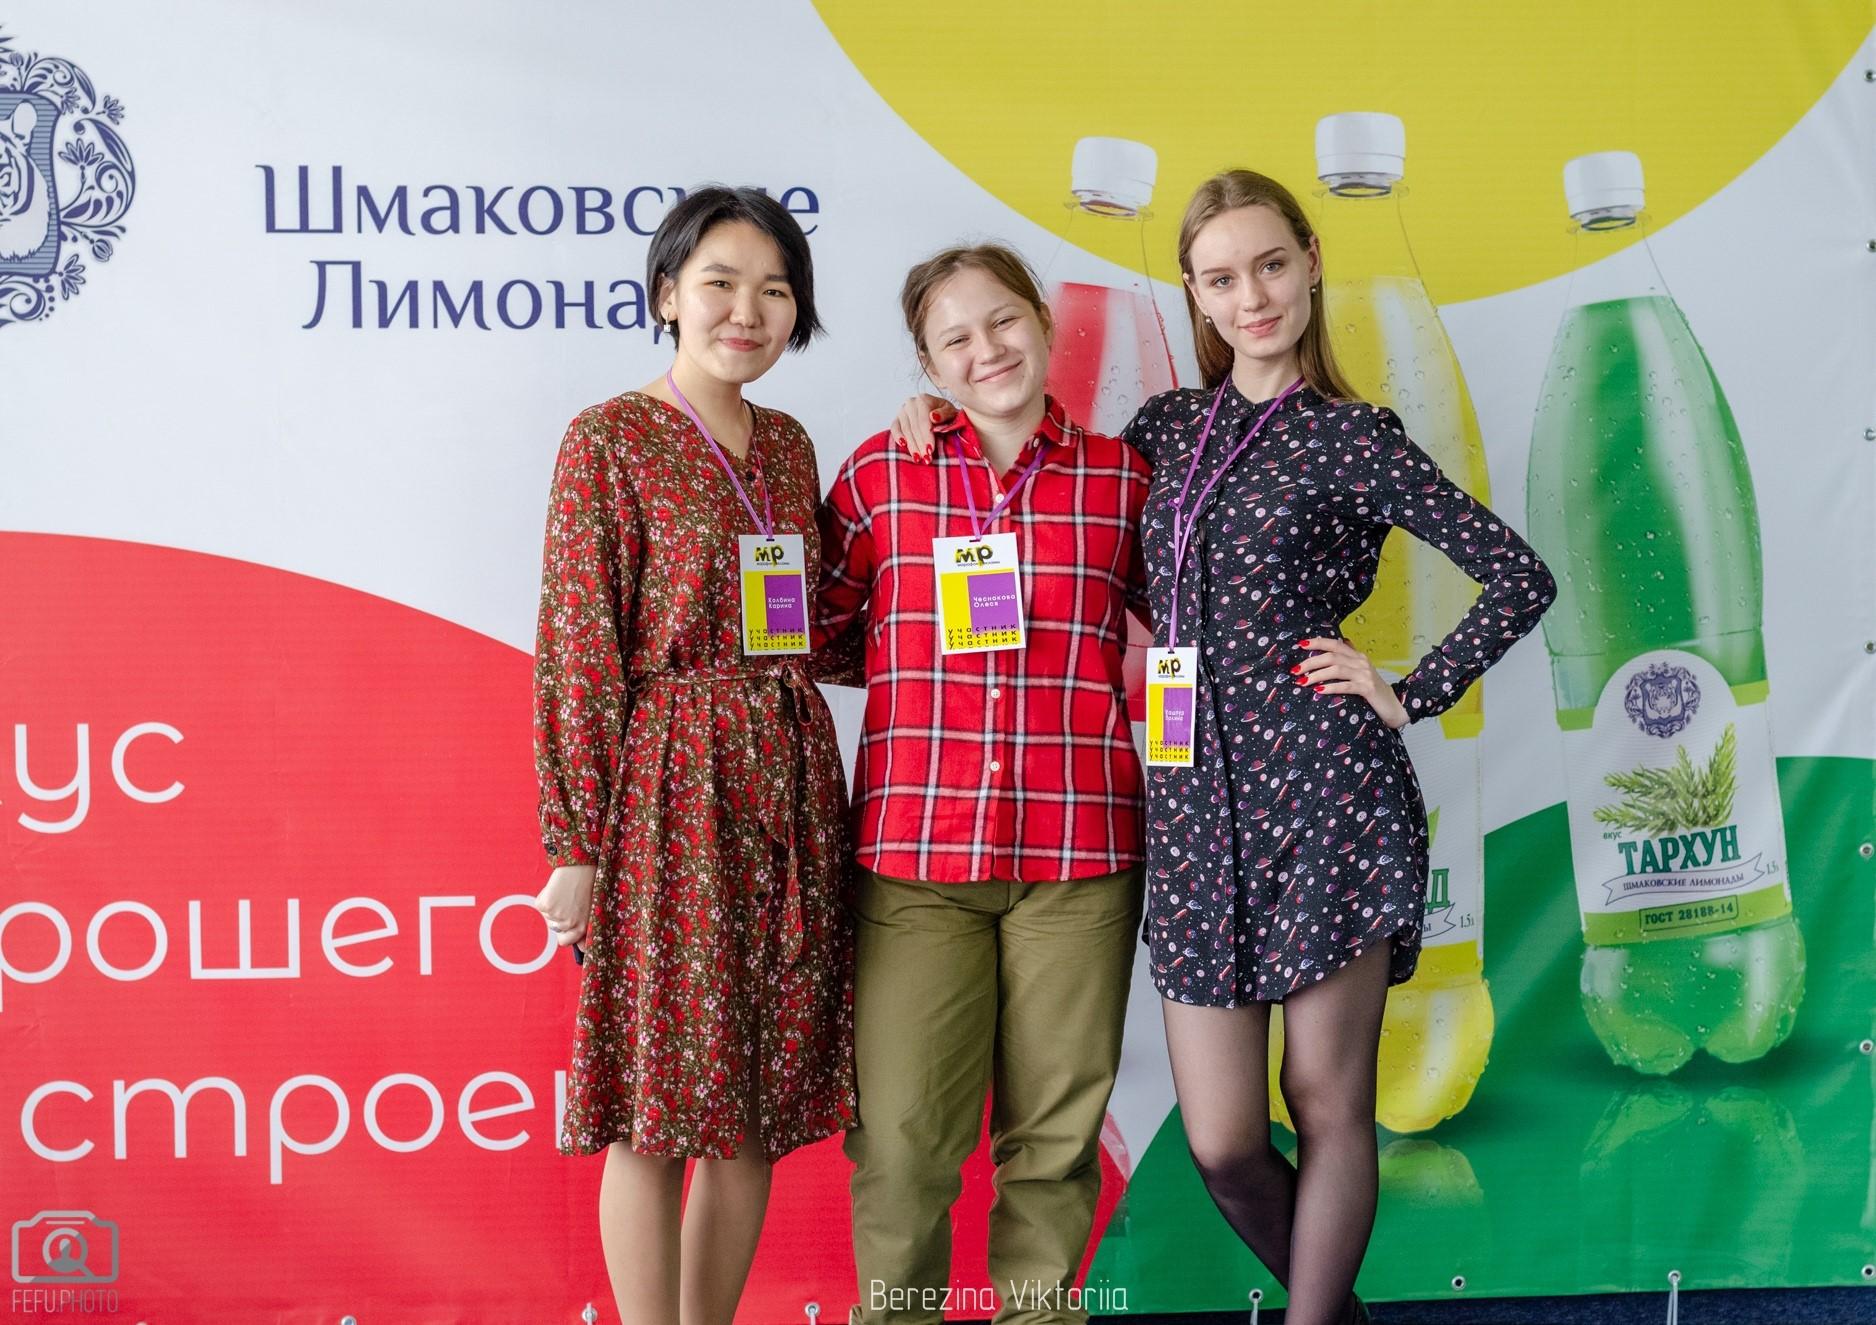 «슈마코브스카야»사는 극동 대학교의 파트너입니다.